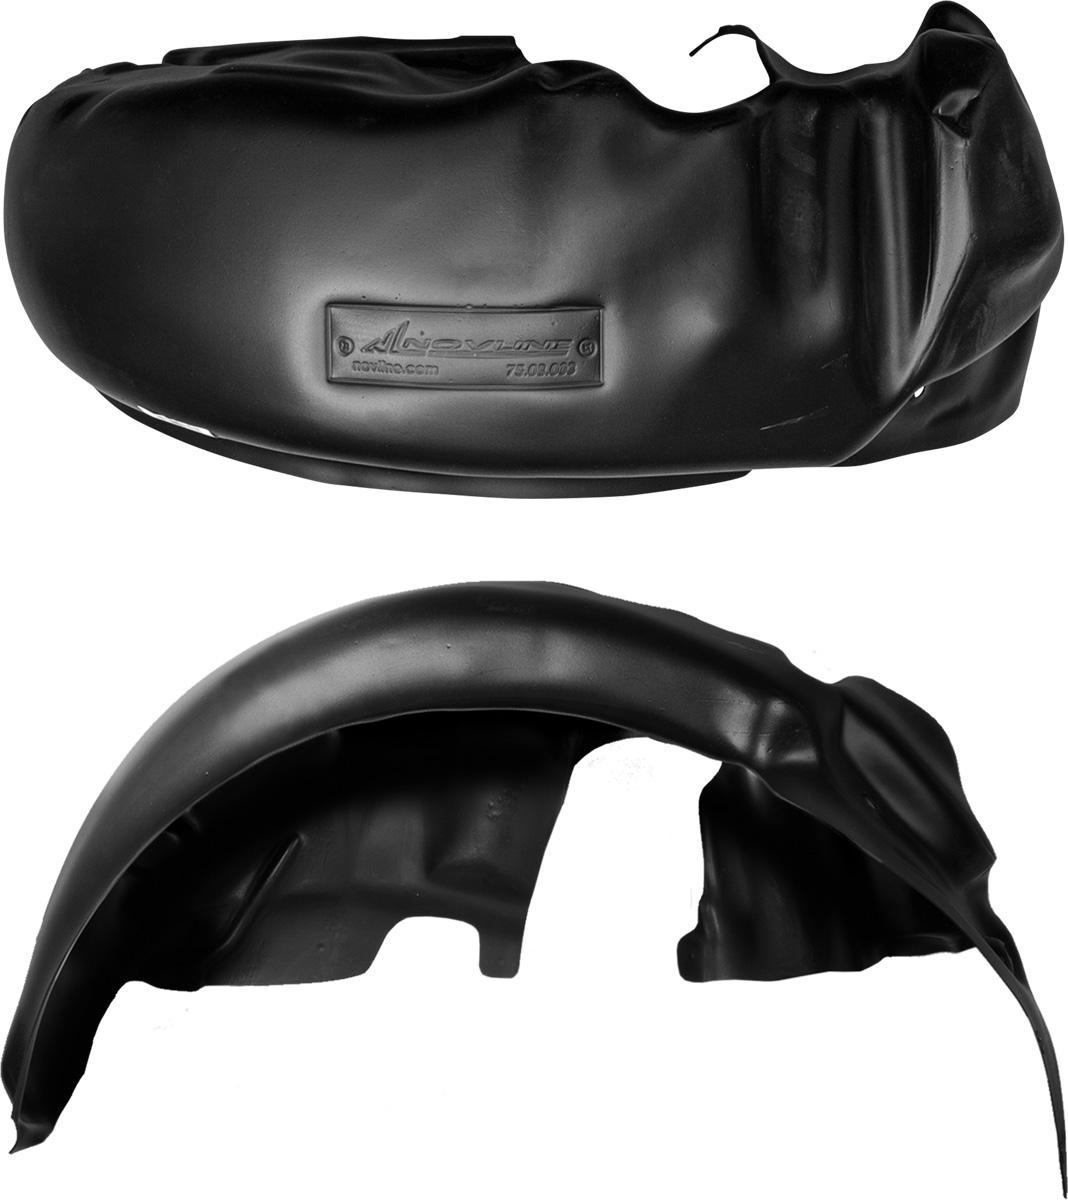 Подкрылок Novline-Autofamily, для Lada Priora, 2007 ->, передний правыйNLL.52.16.002Колесные ниши - одни из самых уязвимых зон днища вашего автомобиля. Они постоянно подвергаются воздействию со стороны дороги. Лучшая, почти абсолютная защита для них - специально отформованные пластиковые кожухи, которые называются подкрылками. Производятся они как для отечественных моделей автомобилей, так и для иномарок. Подкрылки Novline-Autofamily выполнены из высококачественного, экологически чистого пластика. Обеспечивают надежную защиту кузова автомобиля от пескоструйного эффекта и негативного влияния, агрессивных антигололедных реагентов. Пластик обладает более низкой теплопроводностью, чем металл, поэтому в зимний период эксплуатации использование пластиковых подкрылков позволяет лучше защитить колесные ниши от налипания снега и образования наледи. Оригинальность конструкции подчеркивает элегантность автомобиля, бережно защищает нанесенное на днище кузова антикоррозийное покрытие и позволяет осуществить крепление подкрылков внутри колесной арки практически без...